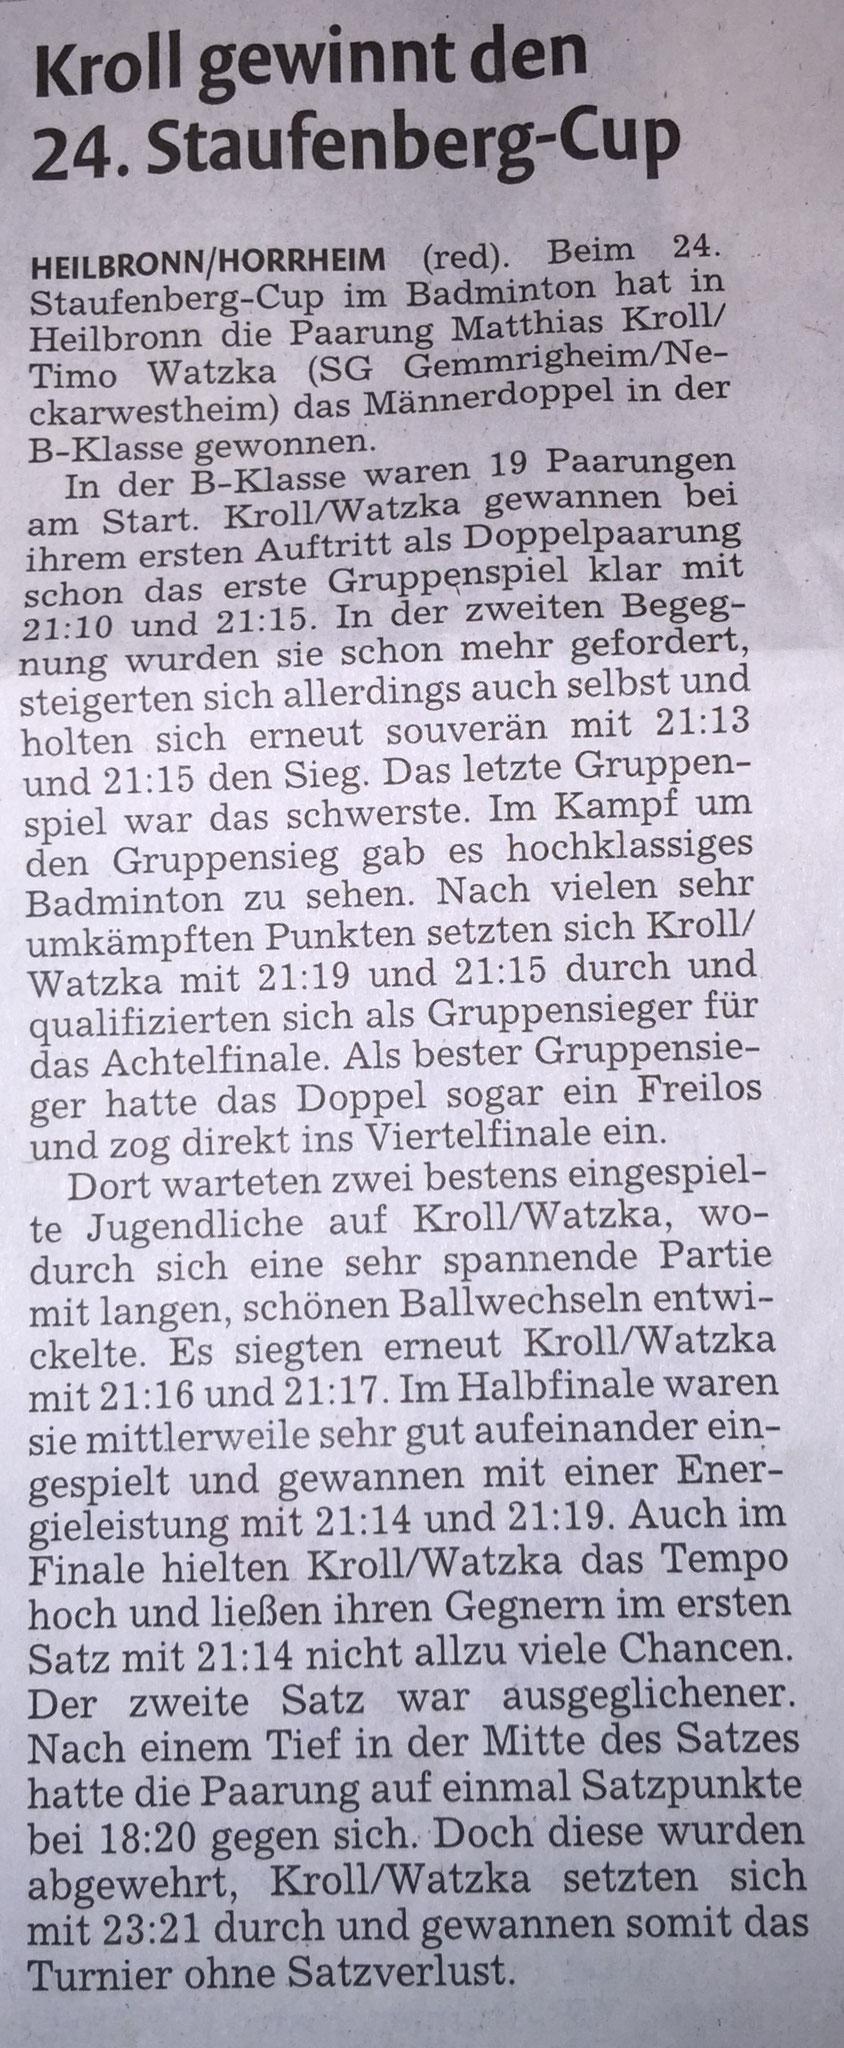 Bericht vkz zum Staufenberg-Cup Heilbronn 2015